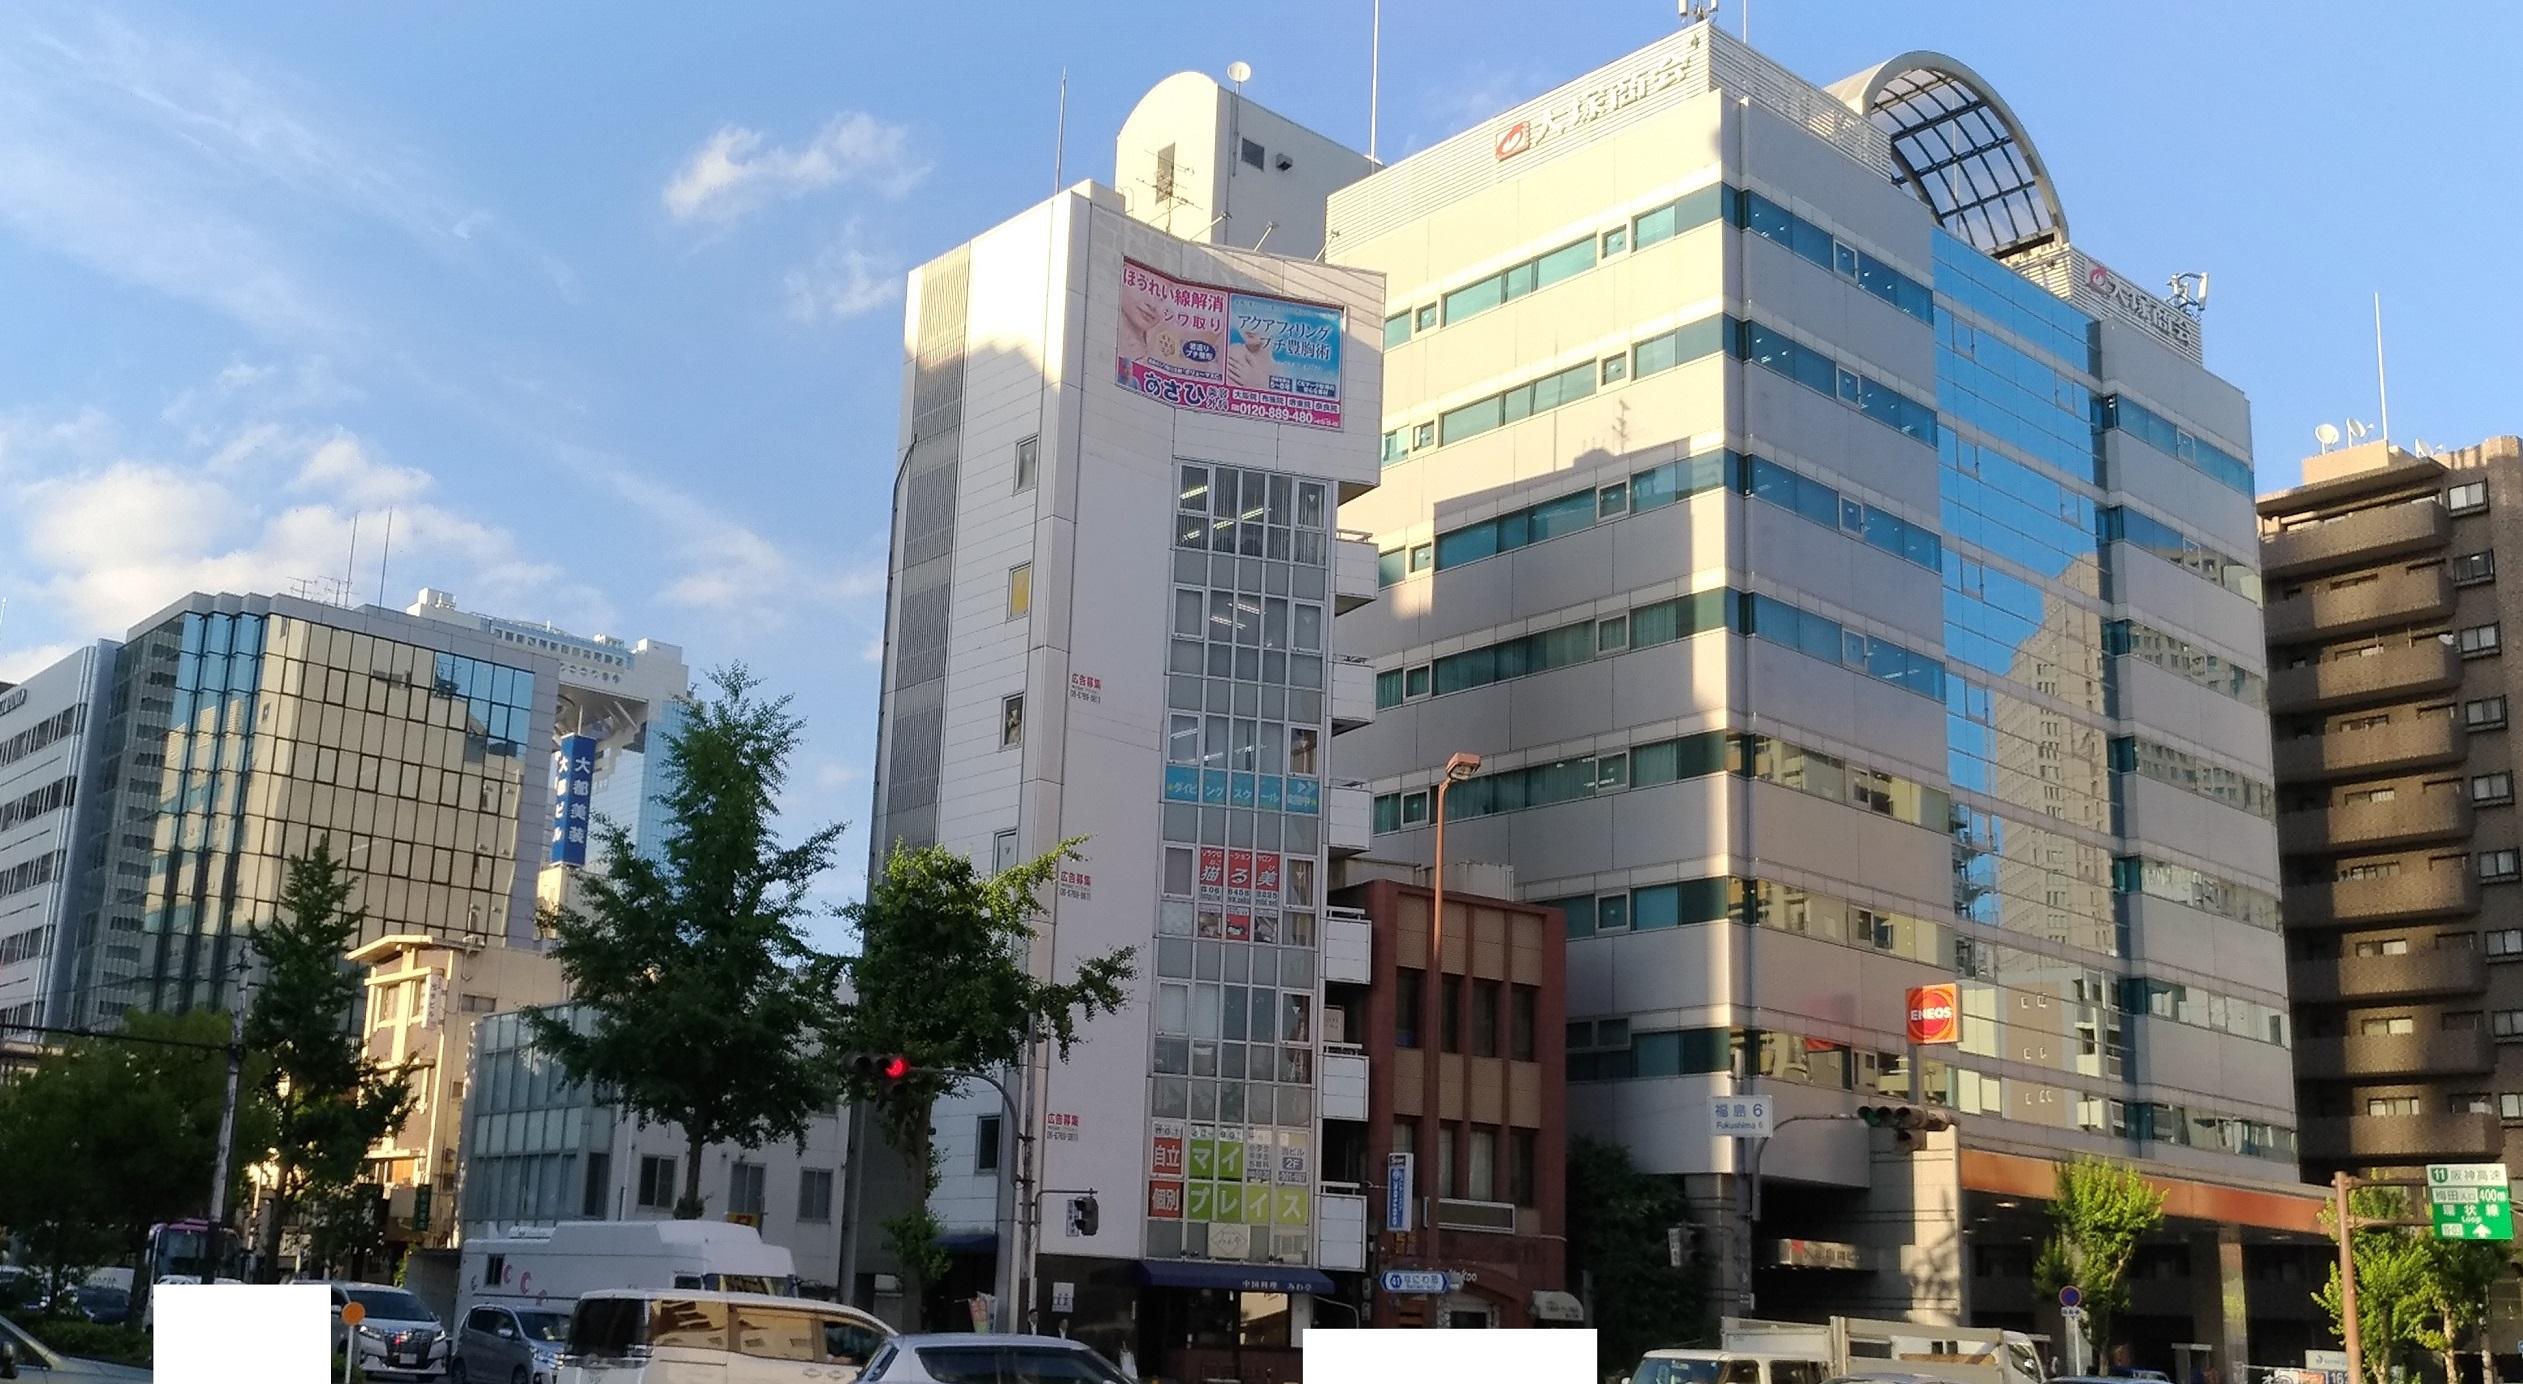 osaka_fukushima_manshon_0617_2.jpg